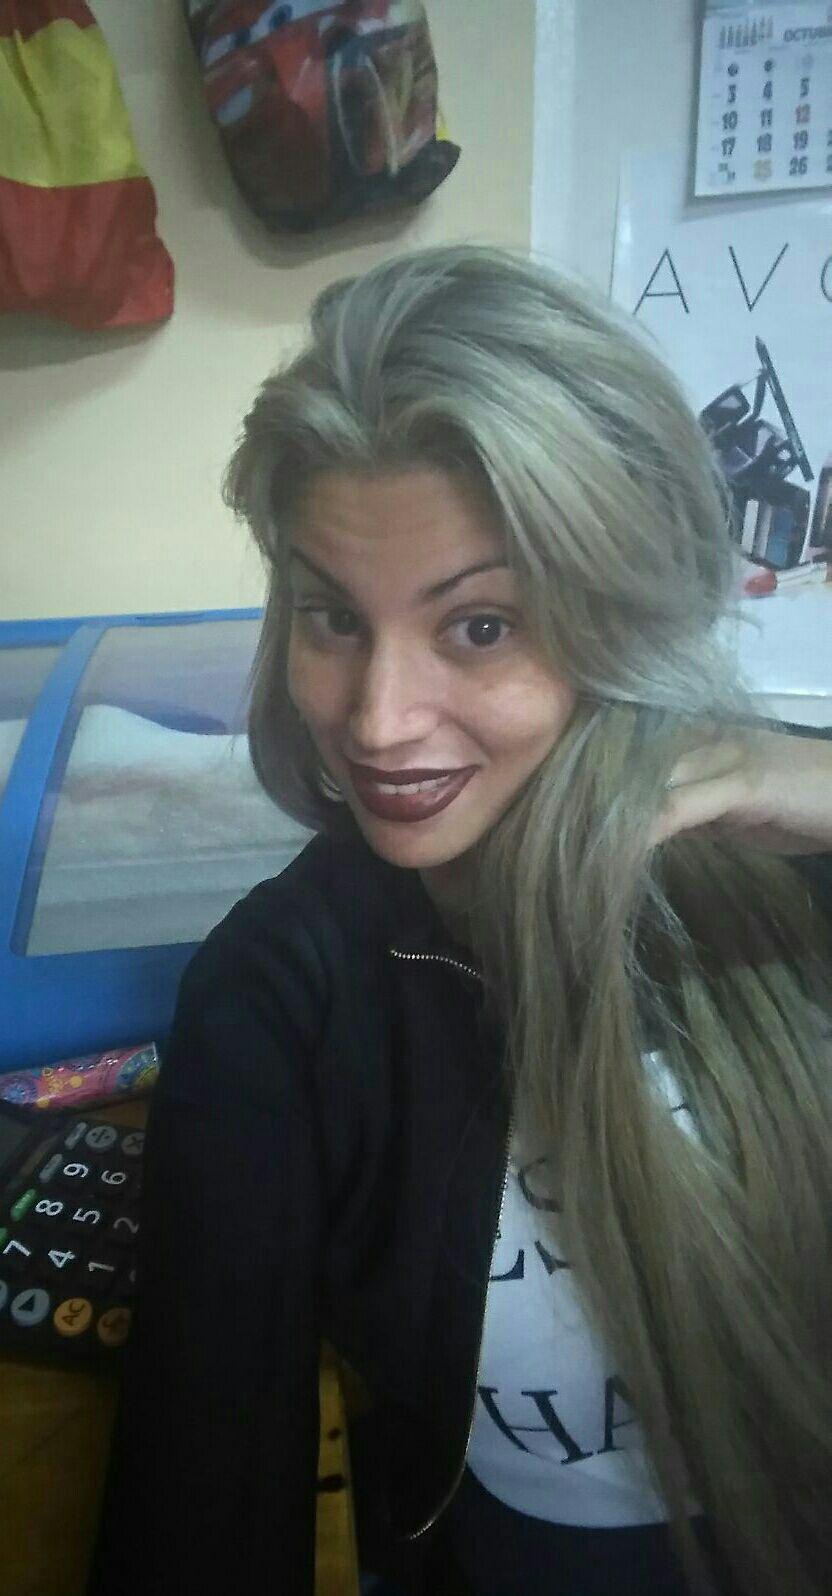 Escova progressiva . Tinta de platina e loira. Coloque extensões de cabelo extra longas com rosca. prancha cabelo cabeleireiro(a)